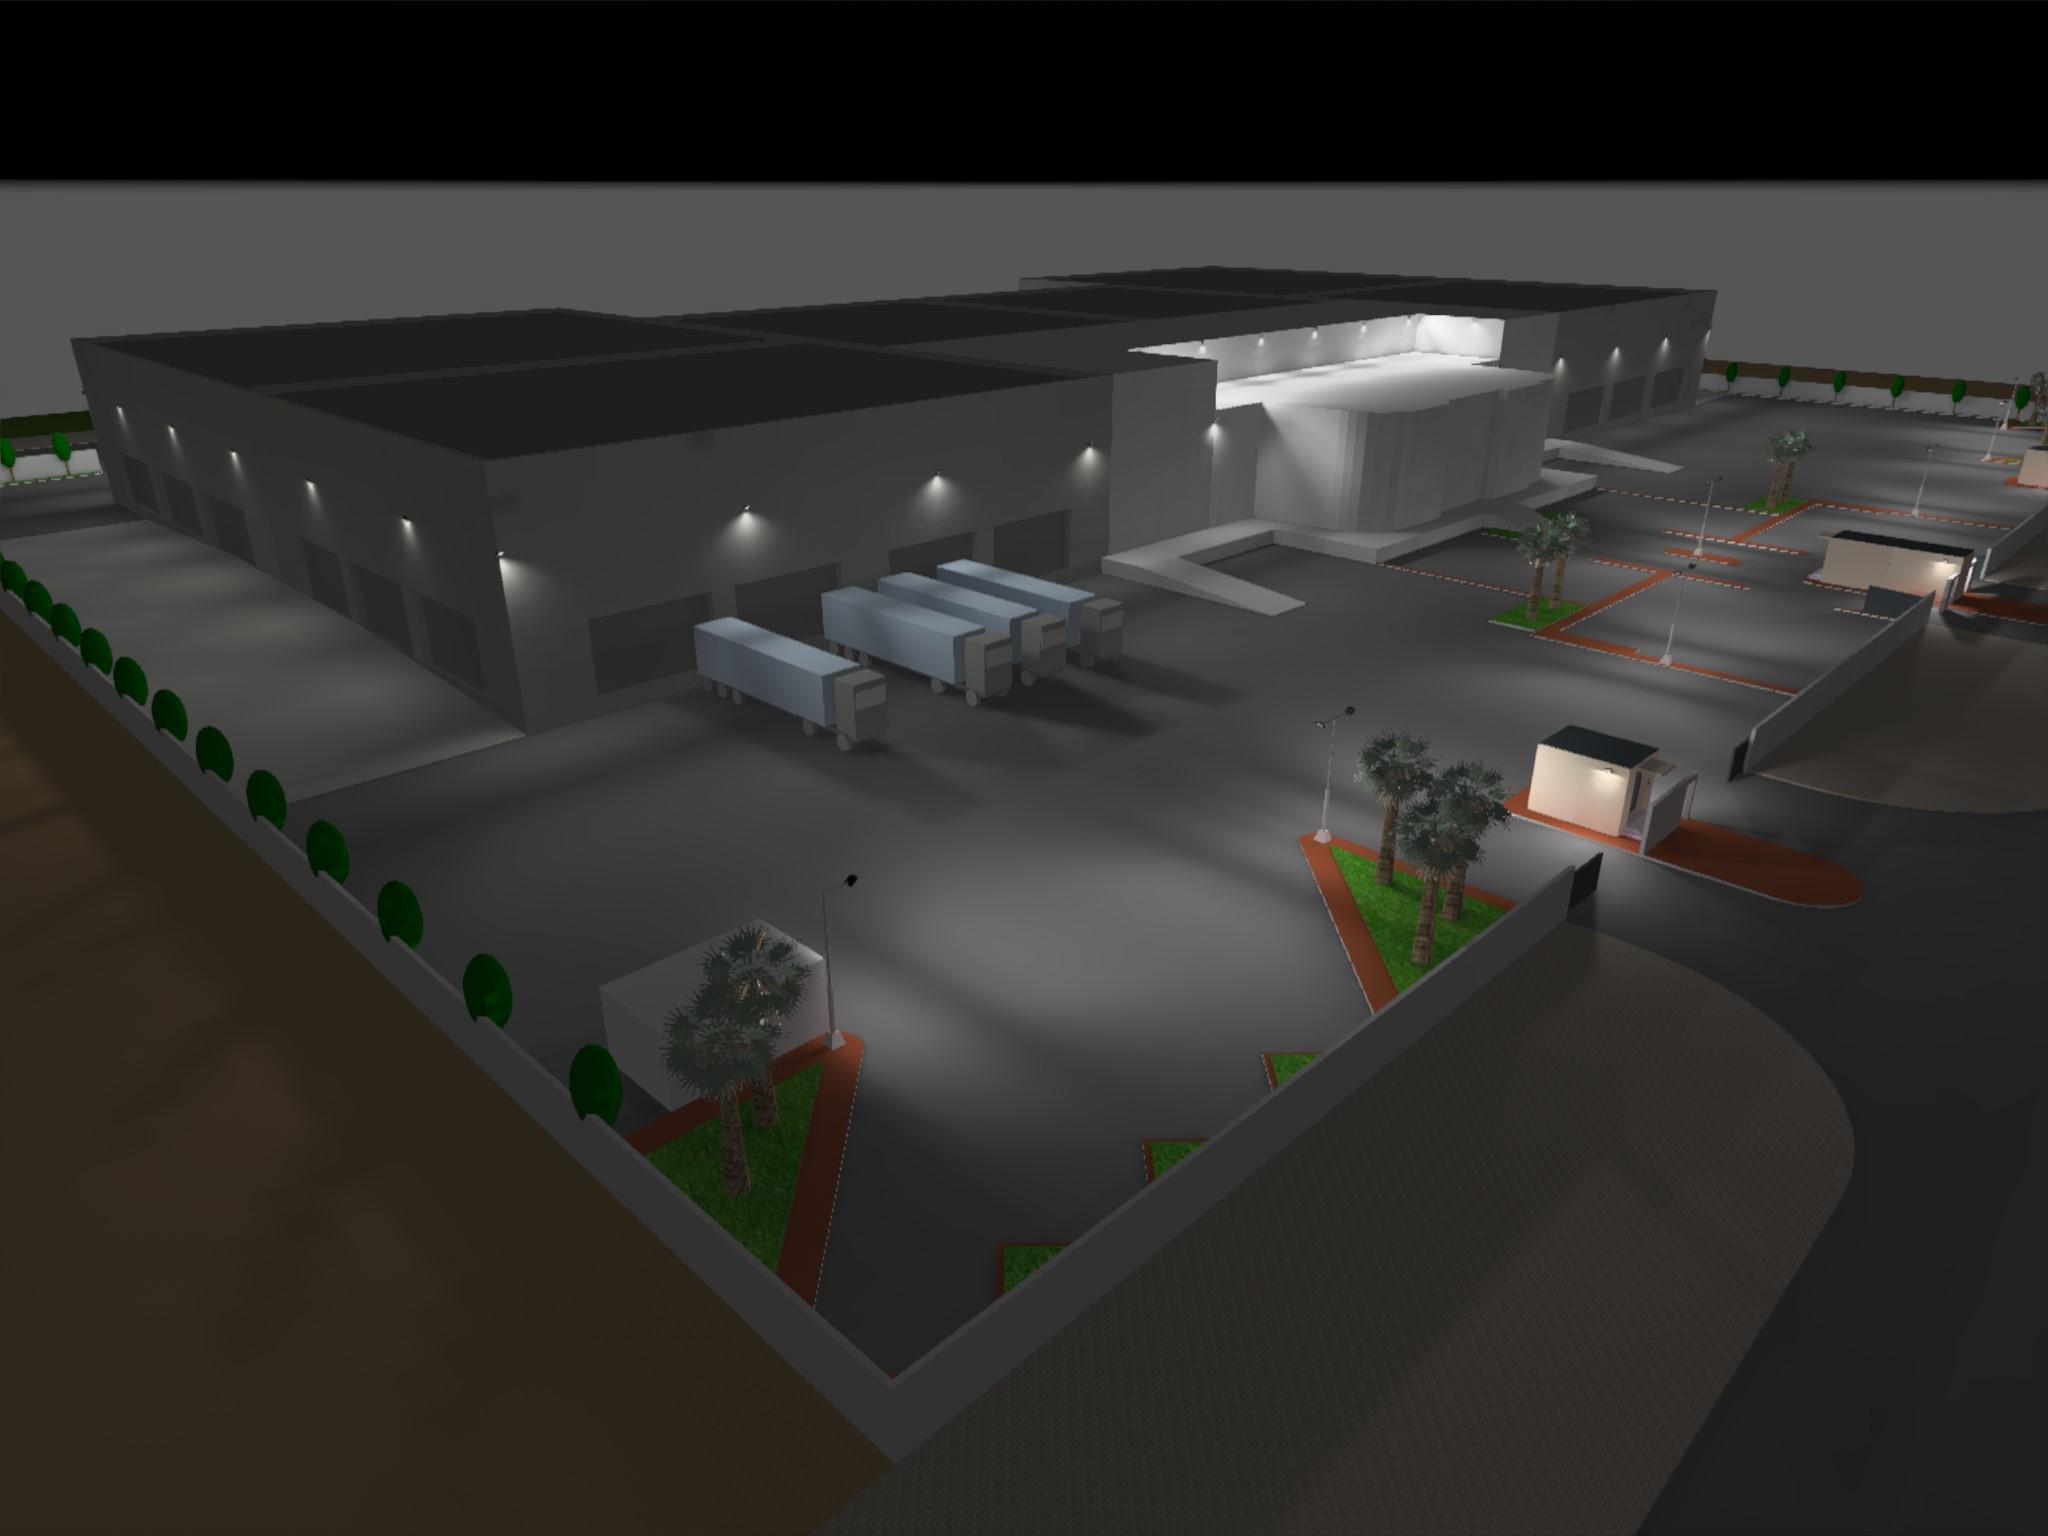 Dialux evo - Warehouse Design - Site View